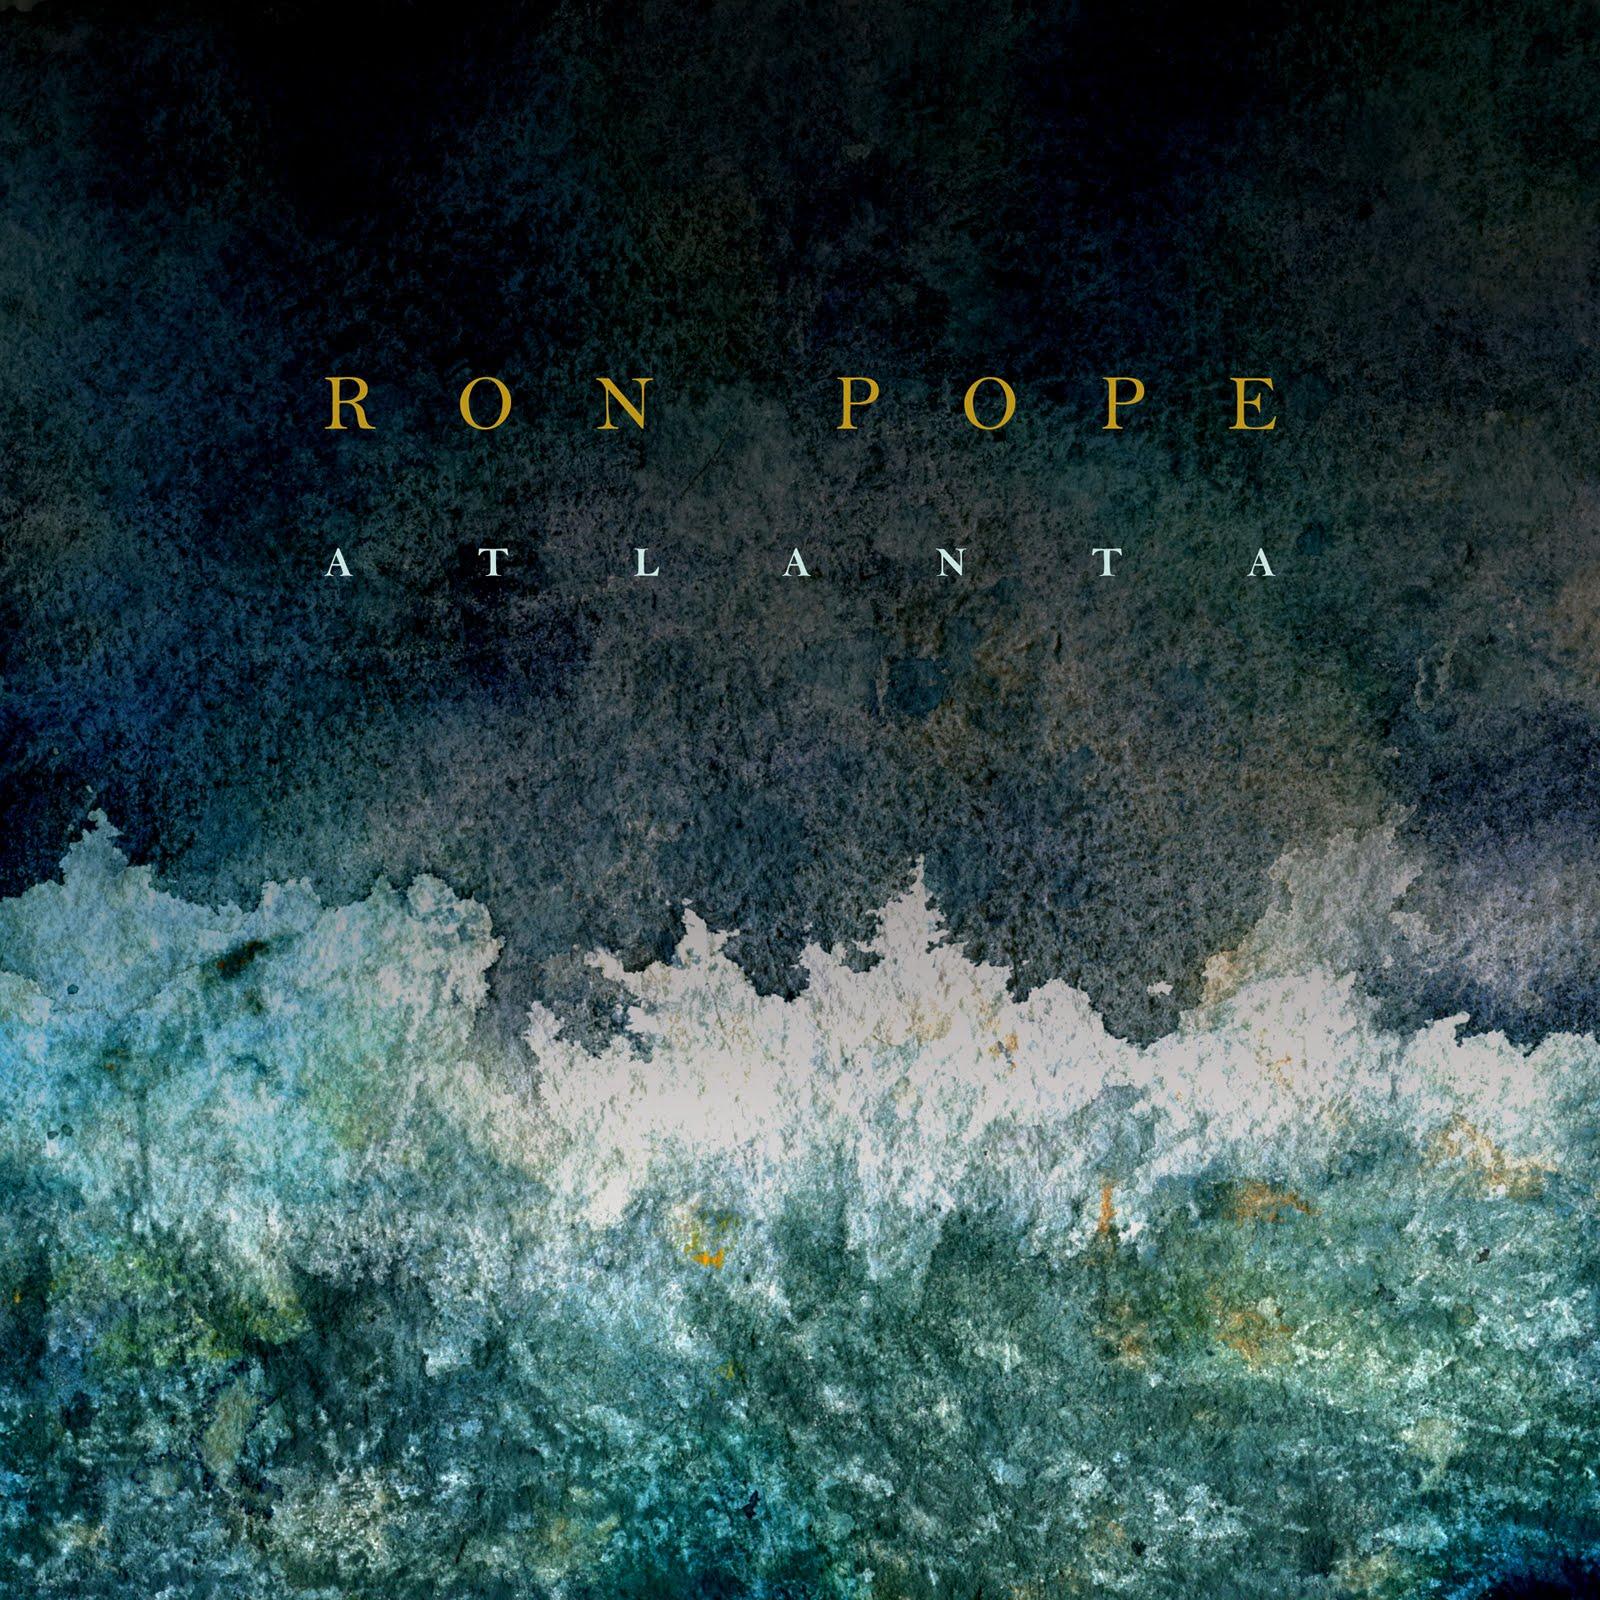 Ron Pope Atlanta Album Download